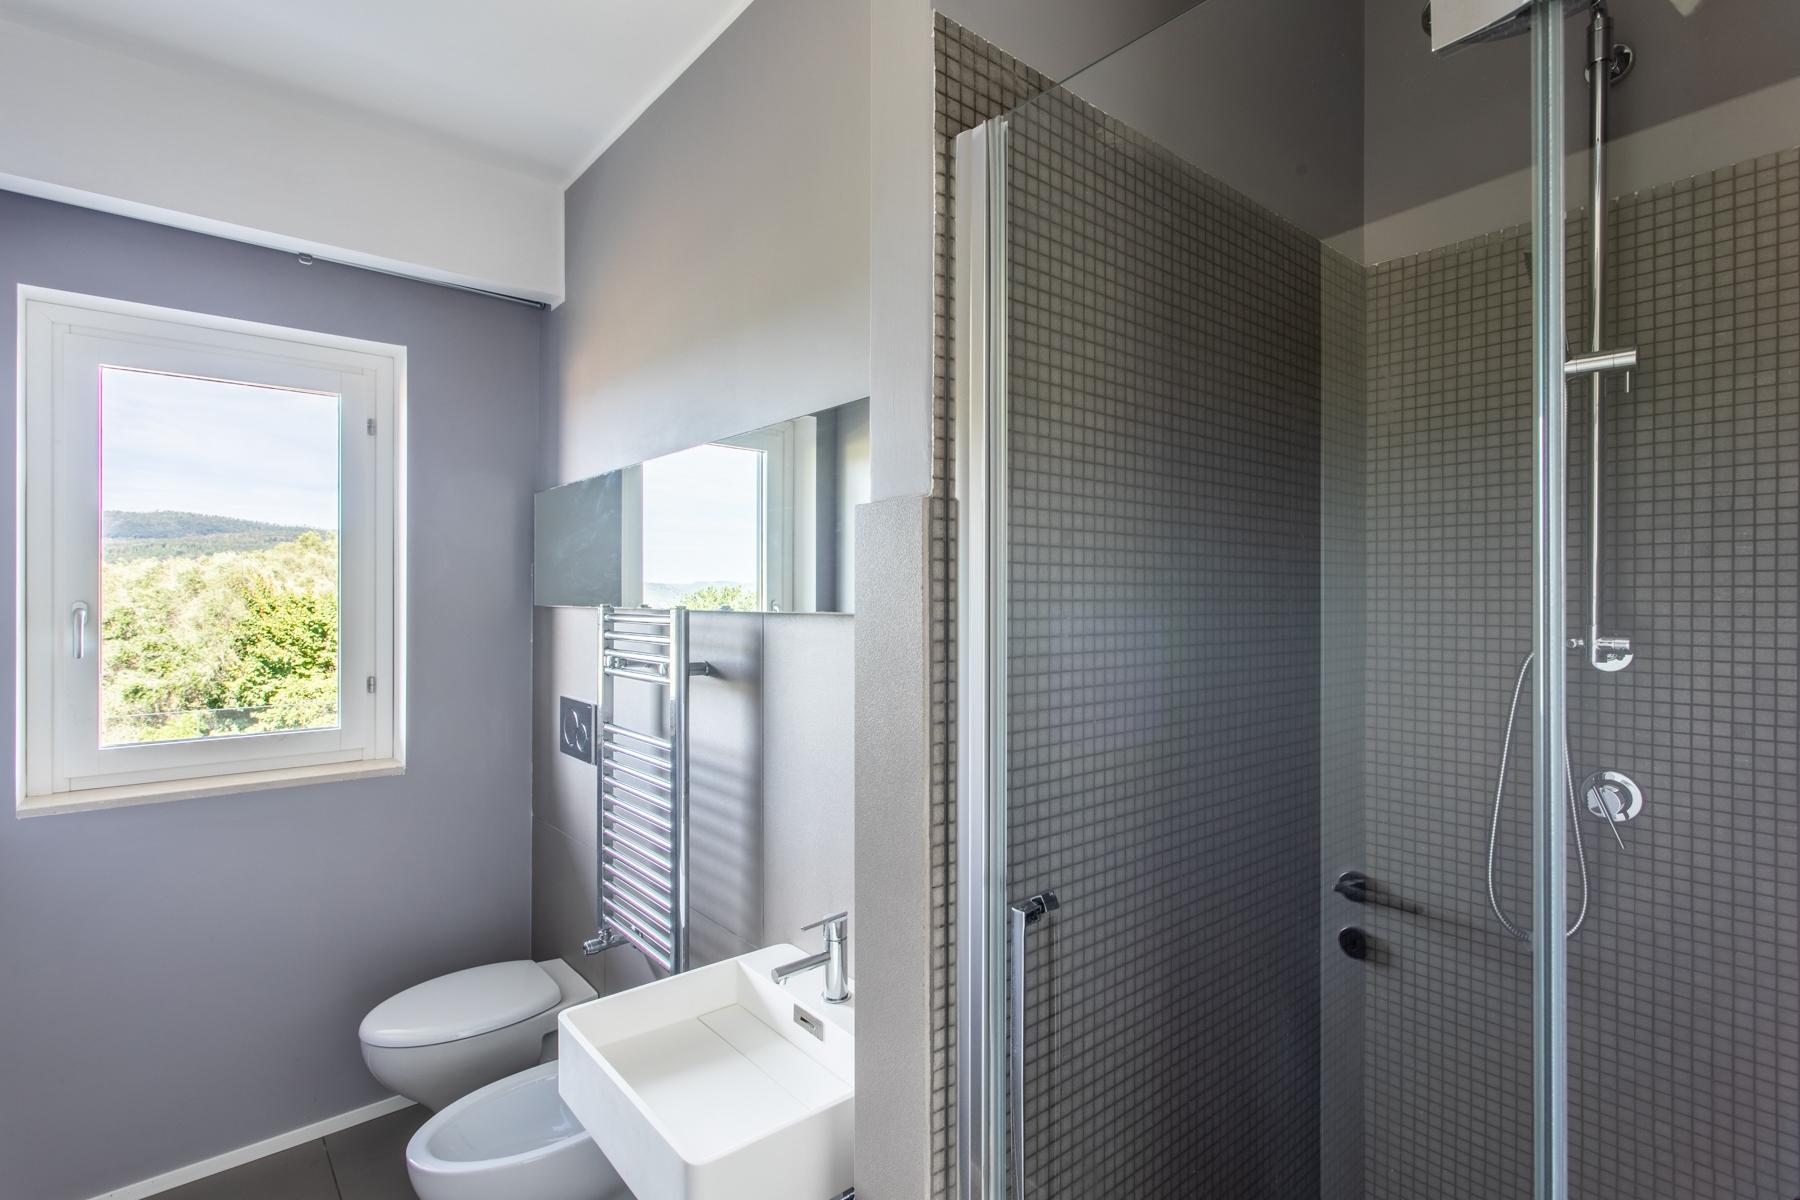 Appartamento in Vendita a Trevignano Romano: 4 locali, 100 mq - Foto 7